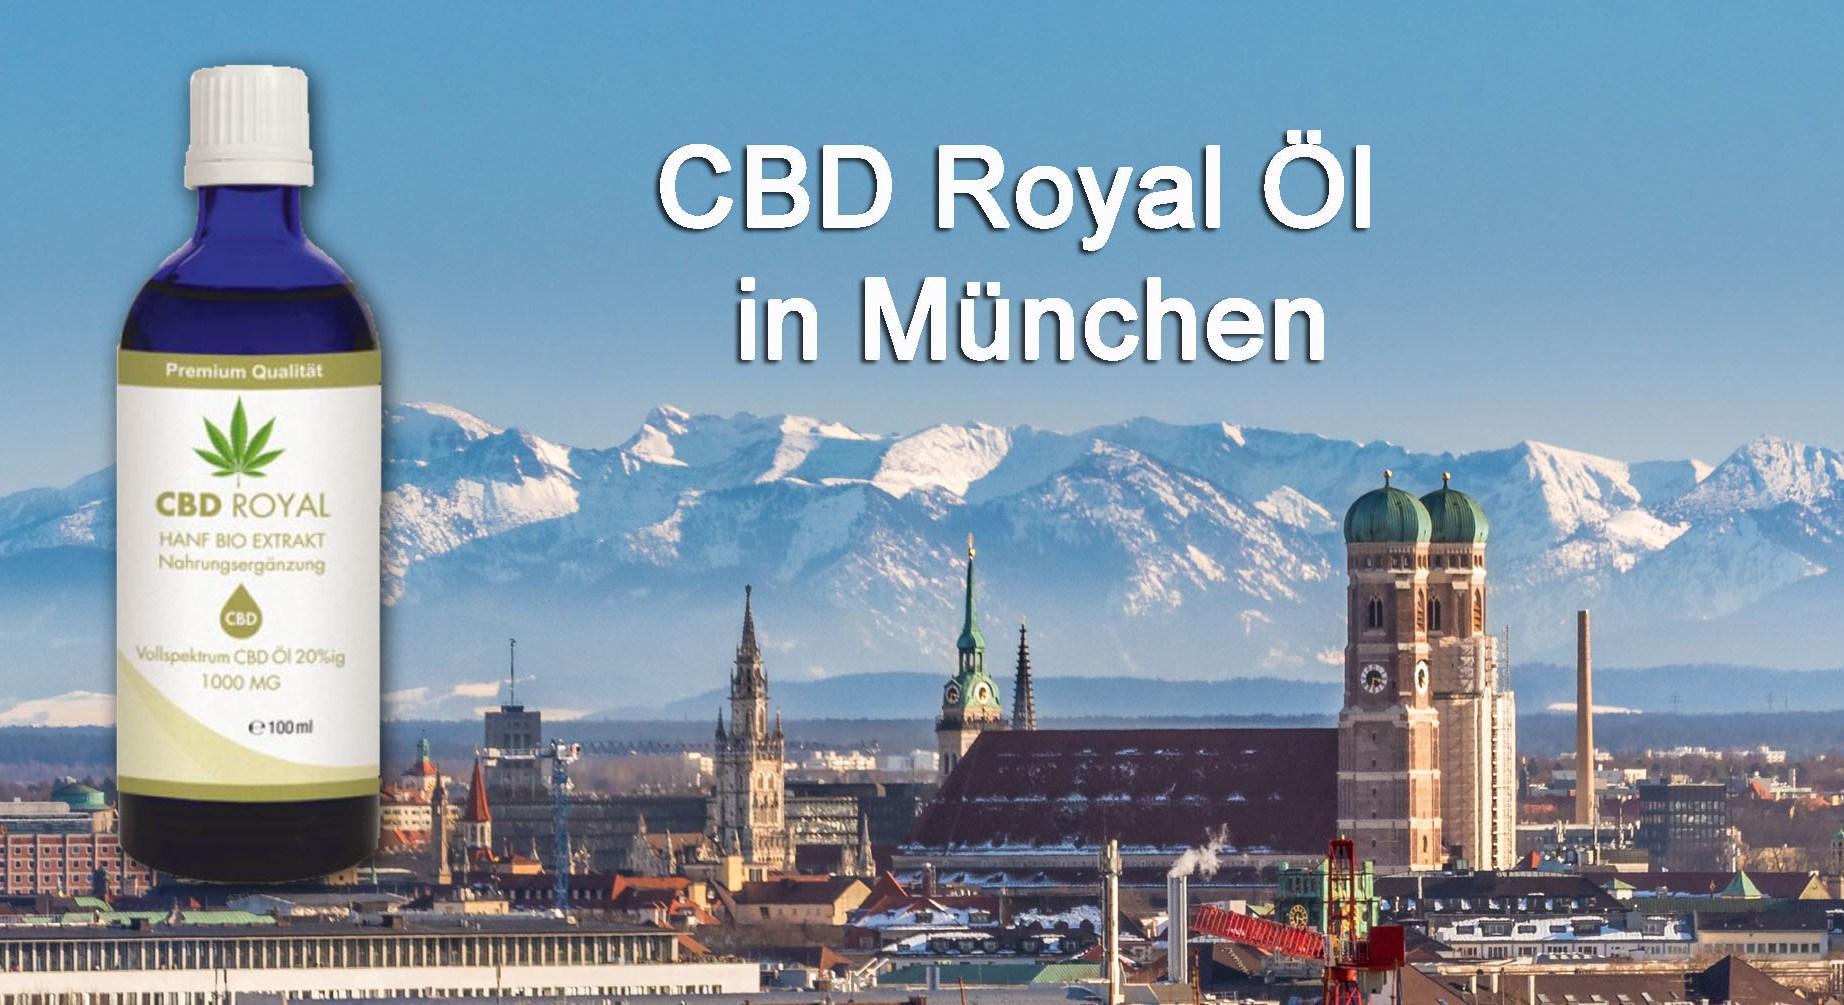 cbr royal öl in münchen